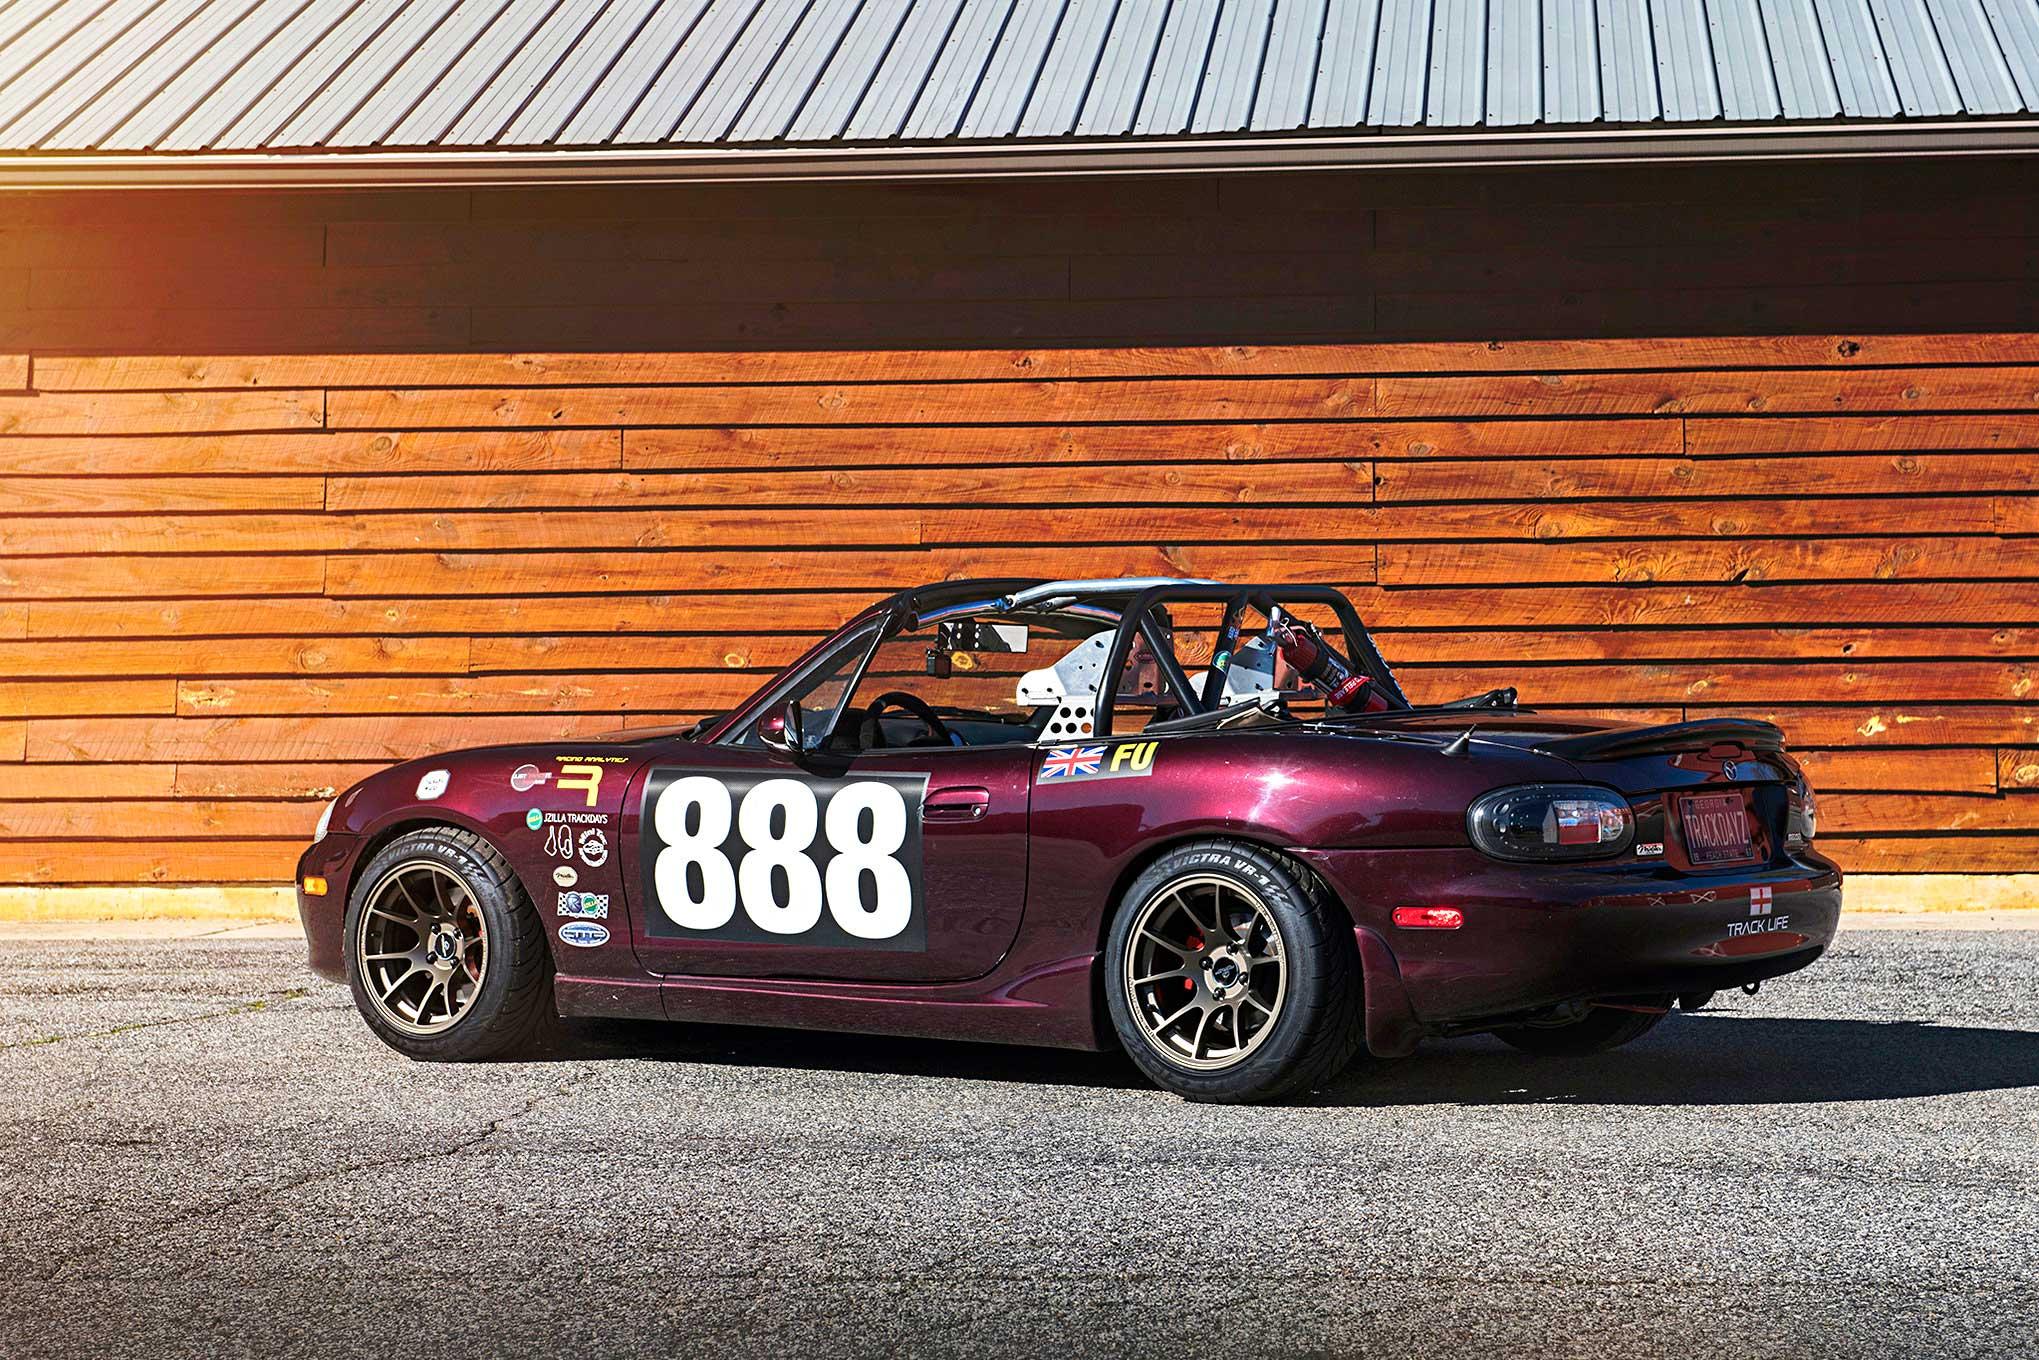 2000 Mazda Miata V6: The Mionda